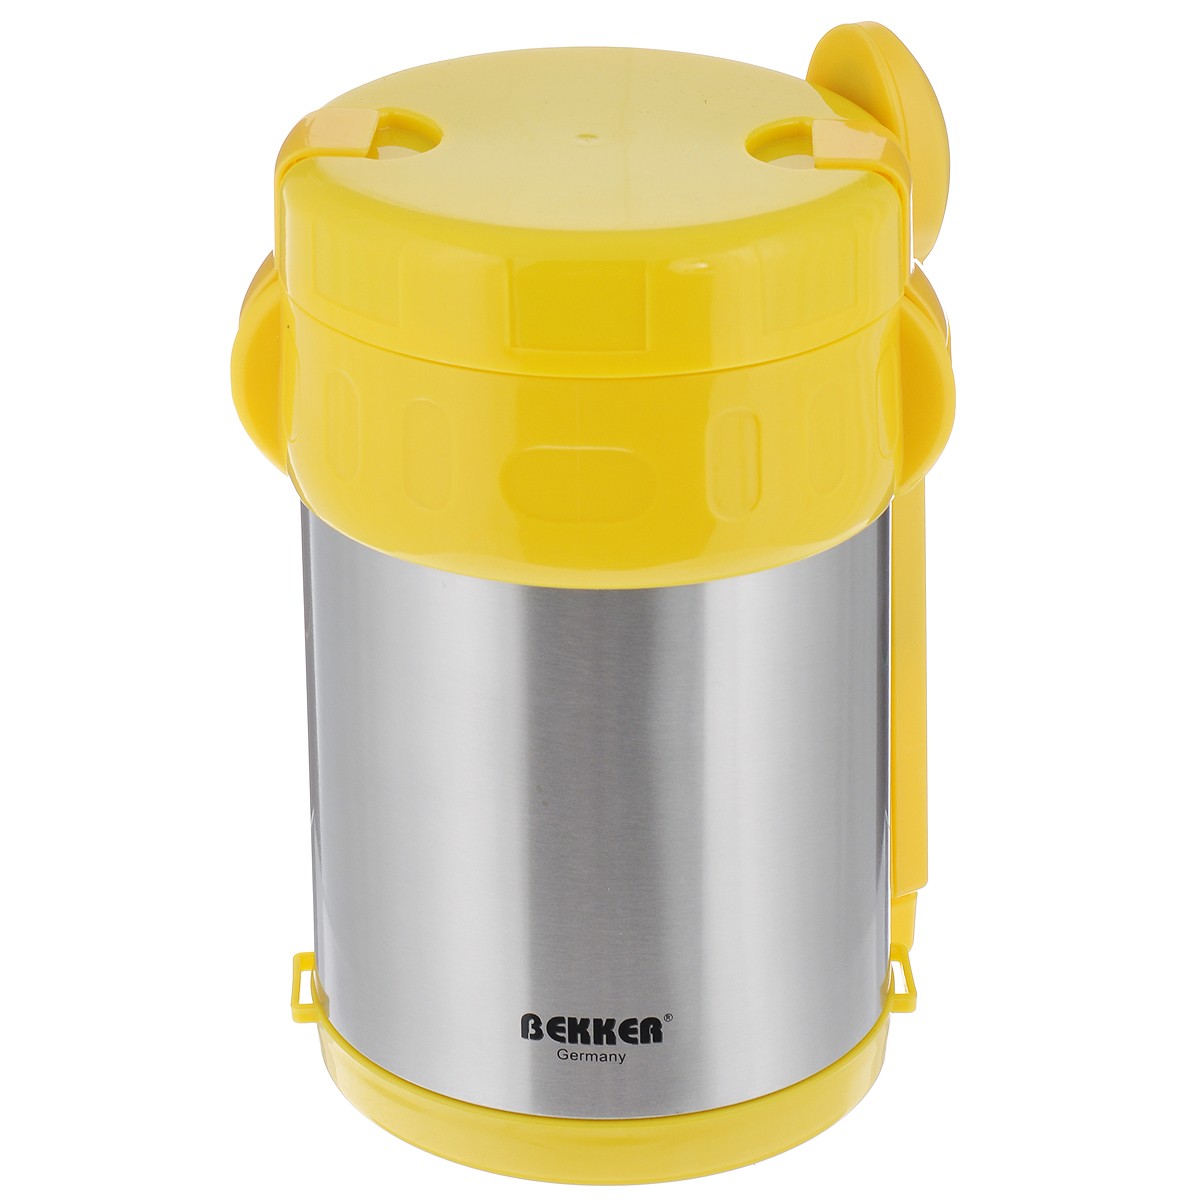 Термос Bekker Koch, с контейнерами, цвет: желтый, стальной, 2 л. BK-42BK-42_желтыйПищевой термос с широким горлом Bekker Koch, изготовленный из высококачественной нержавеющей стали 18/8, является простым в использовании, экономичным и многофункциональным. Изделие с двойными стенками оснащено тремя контейнерами, ложкой и вилкой в оригинальном чехле и специальным ремнем для удобной переноски термоса. Термос с широким горлом предназначен для хранения горячей и холодной пищи, замороженных продуктов, мороженного, фруктов и льда и укомплектован вакуумной крышкой без кнопки. Такая крышка надежна, проста в использовании и позволяет дольше сохранять тепло благодаря дополнительной теплоизоляции.Легкий и прочный термос Bekker Koch сохранит ваши напитки и продукты горячими или холодными надолго.Высота (с учетом крышки): 22 см.Диаметр горлышка: 13 см.Диаметр контейнеров: 11,5 см.Высота контейнеров: 9 см; 5 см; 3,5 см. Объем контейнеров: 700 мл; 400 мл; 250 мл.Длина вилки/ложки: 15 см.